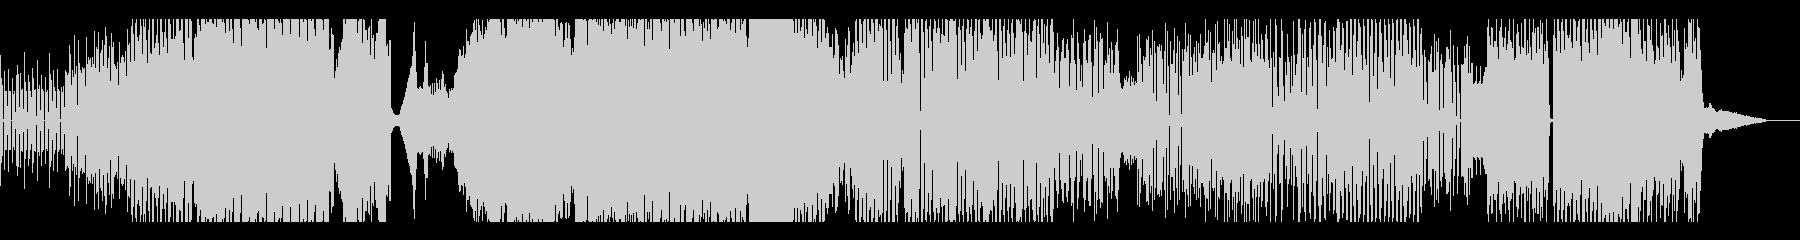 プログレッシブハウス。テンポの変更...の未再生の波形